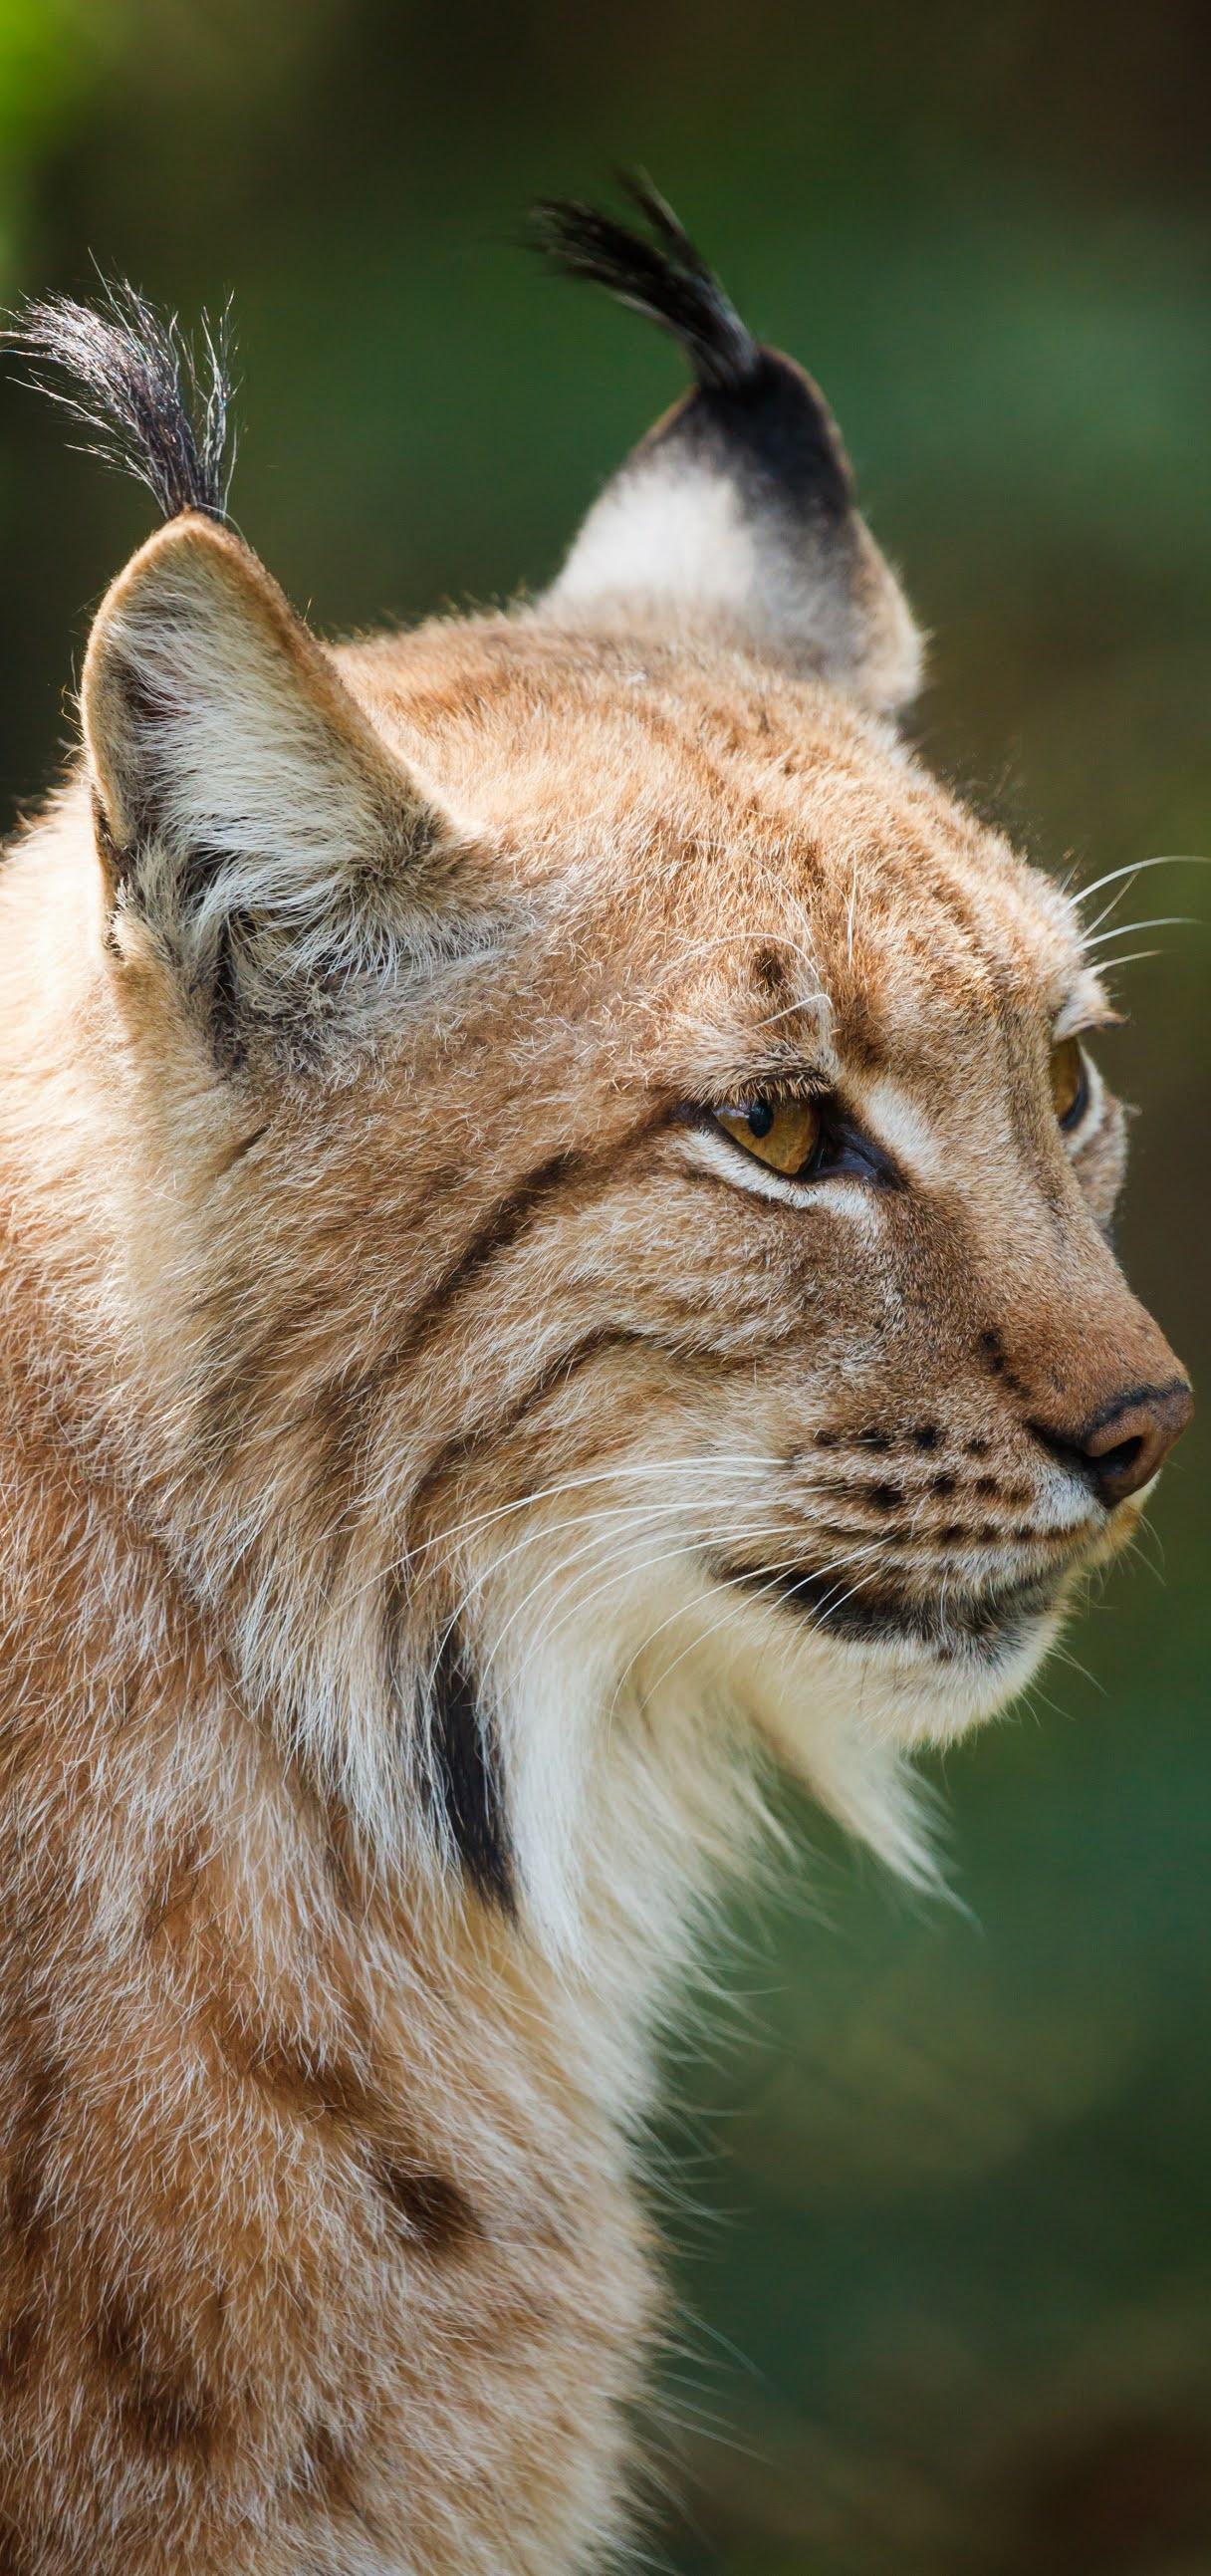 Lynx face portrait.